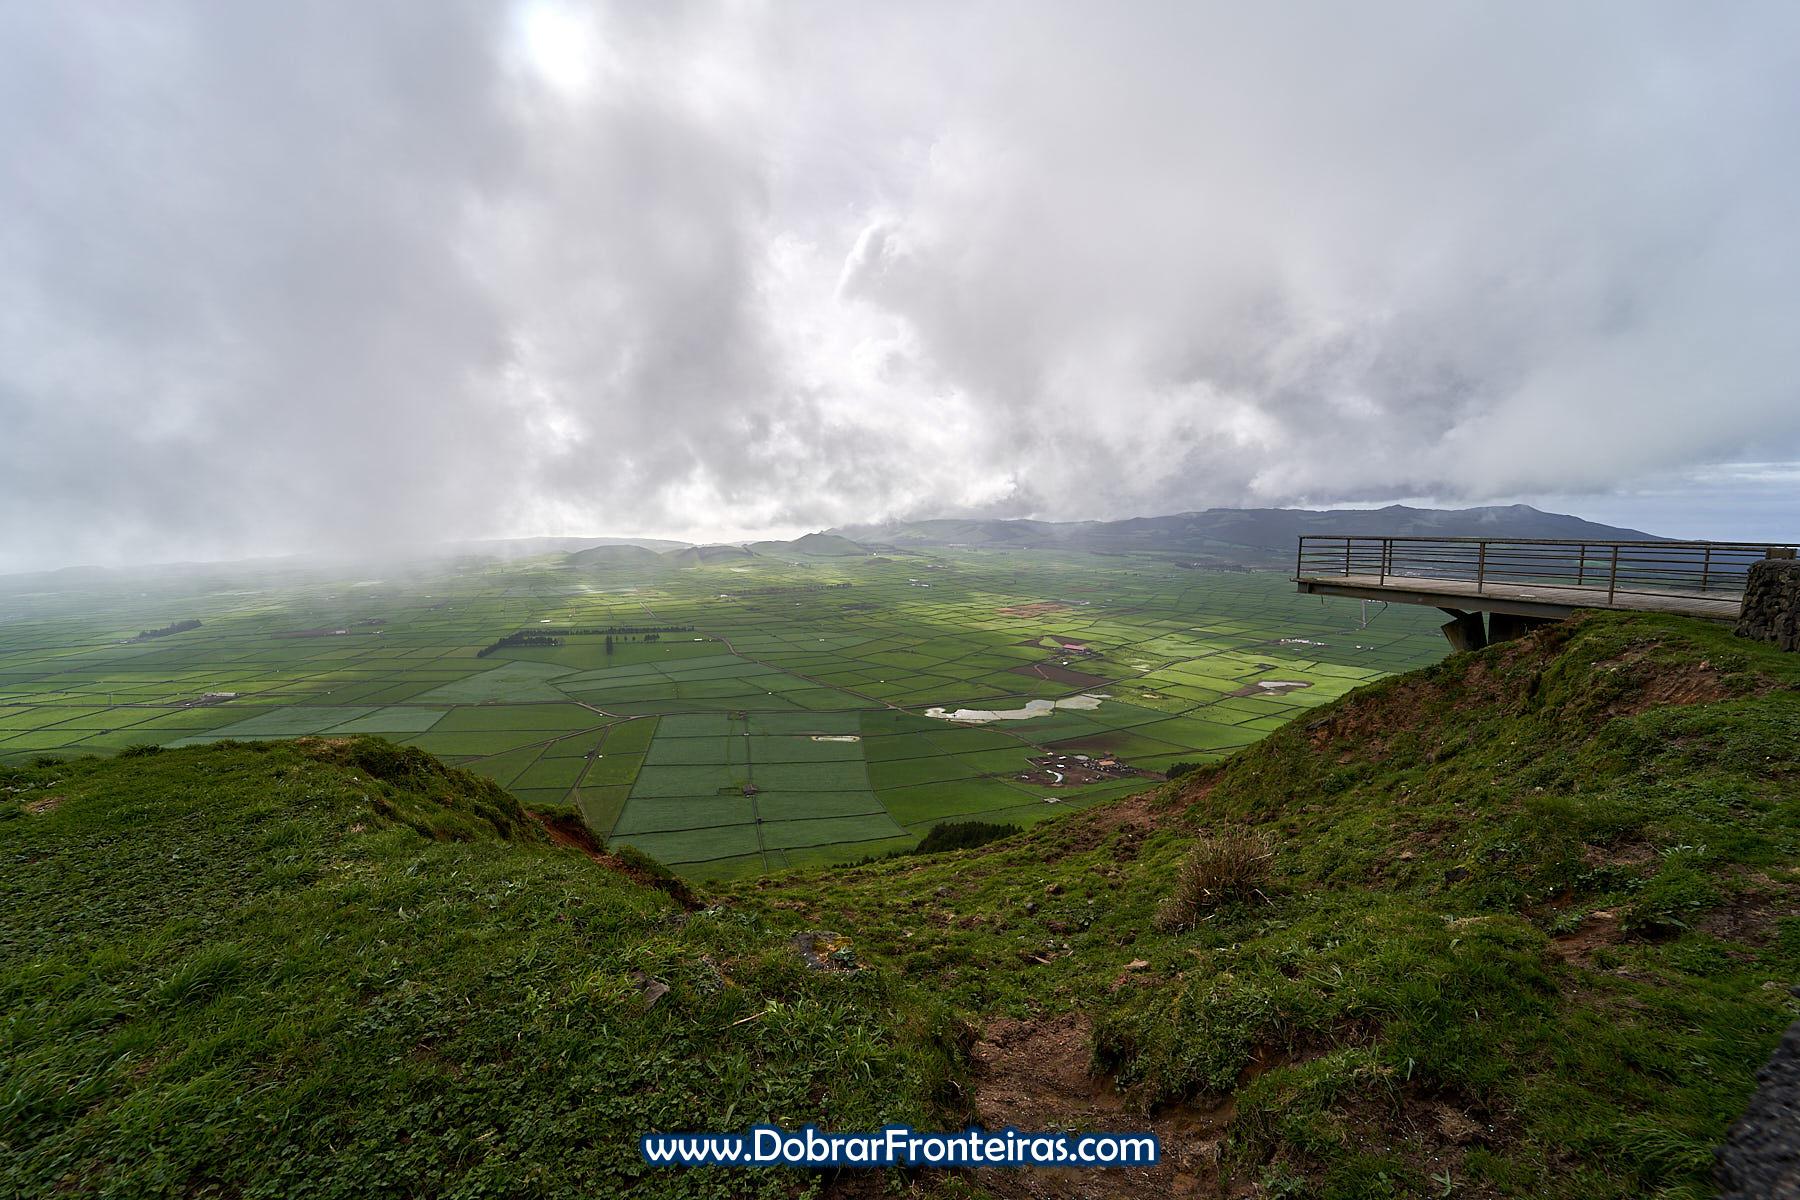 miradouro da serra do Cume na ilha Terceira, Açores